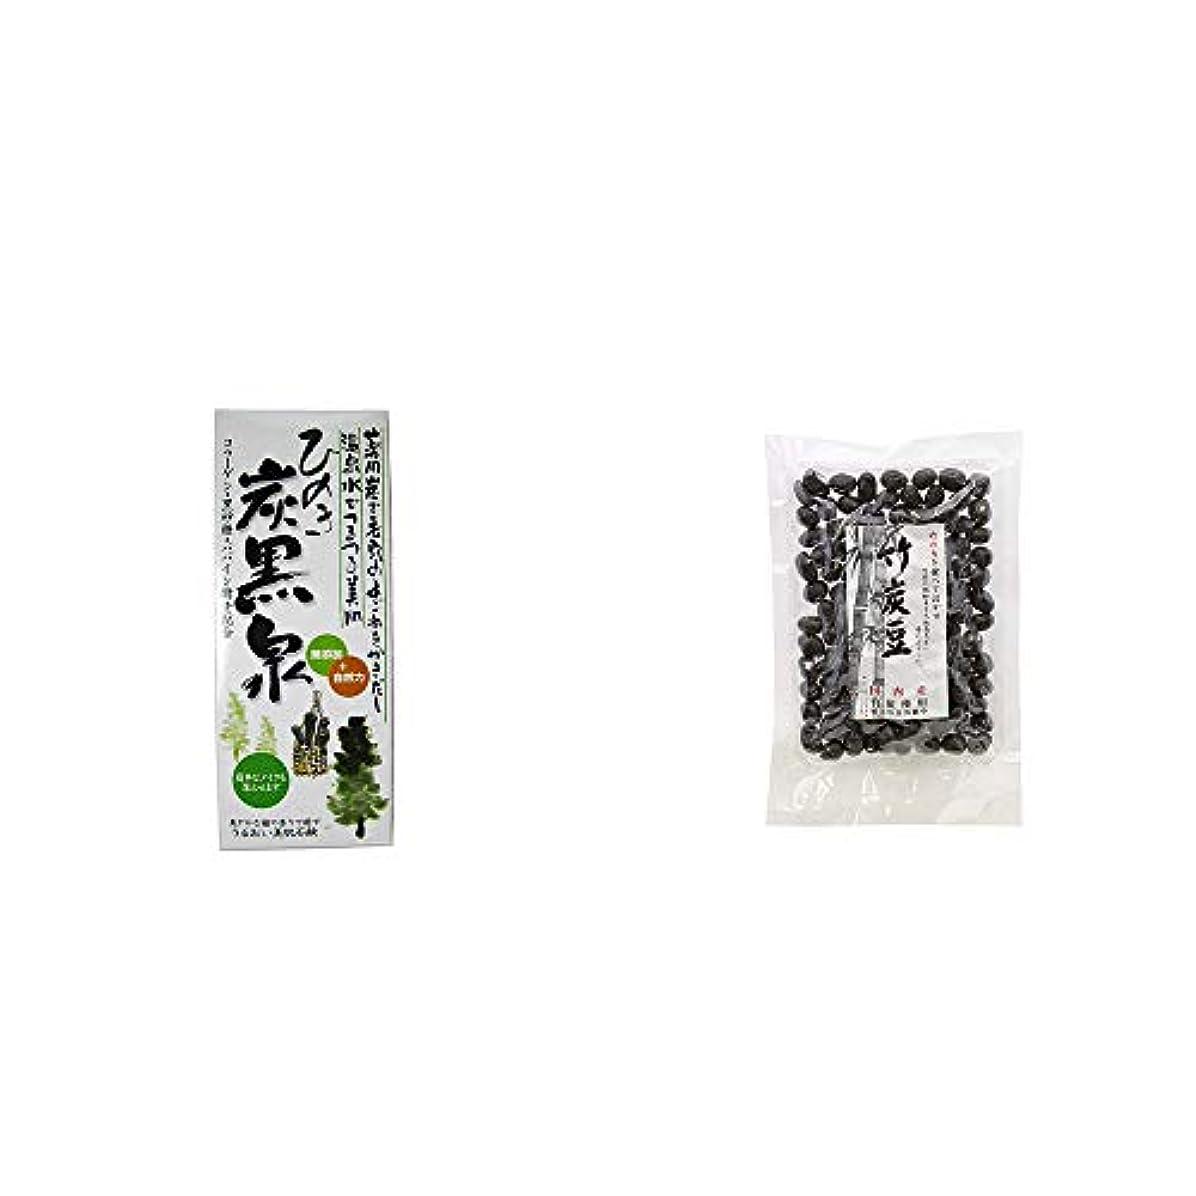 共感する世界的に降雨[2点セット] ひのき炭黒泉 箱入り(75g×3)・国内産 竹炭使用 竹炭豆(160g)